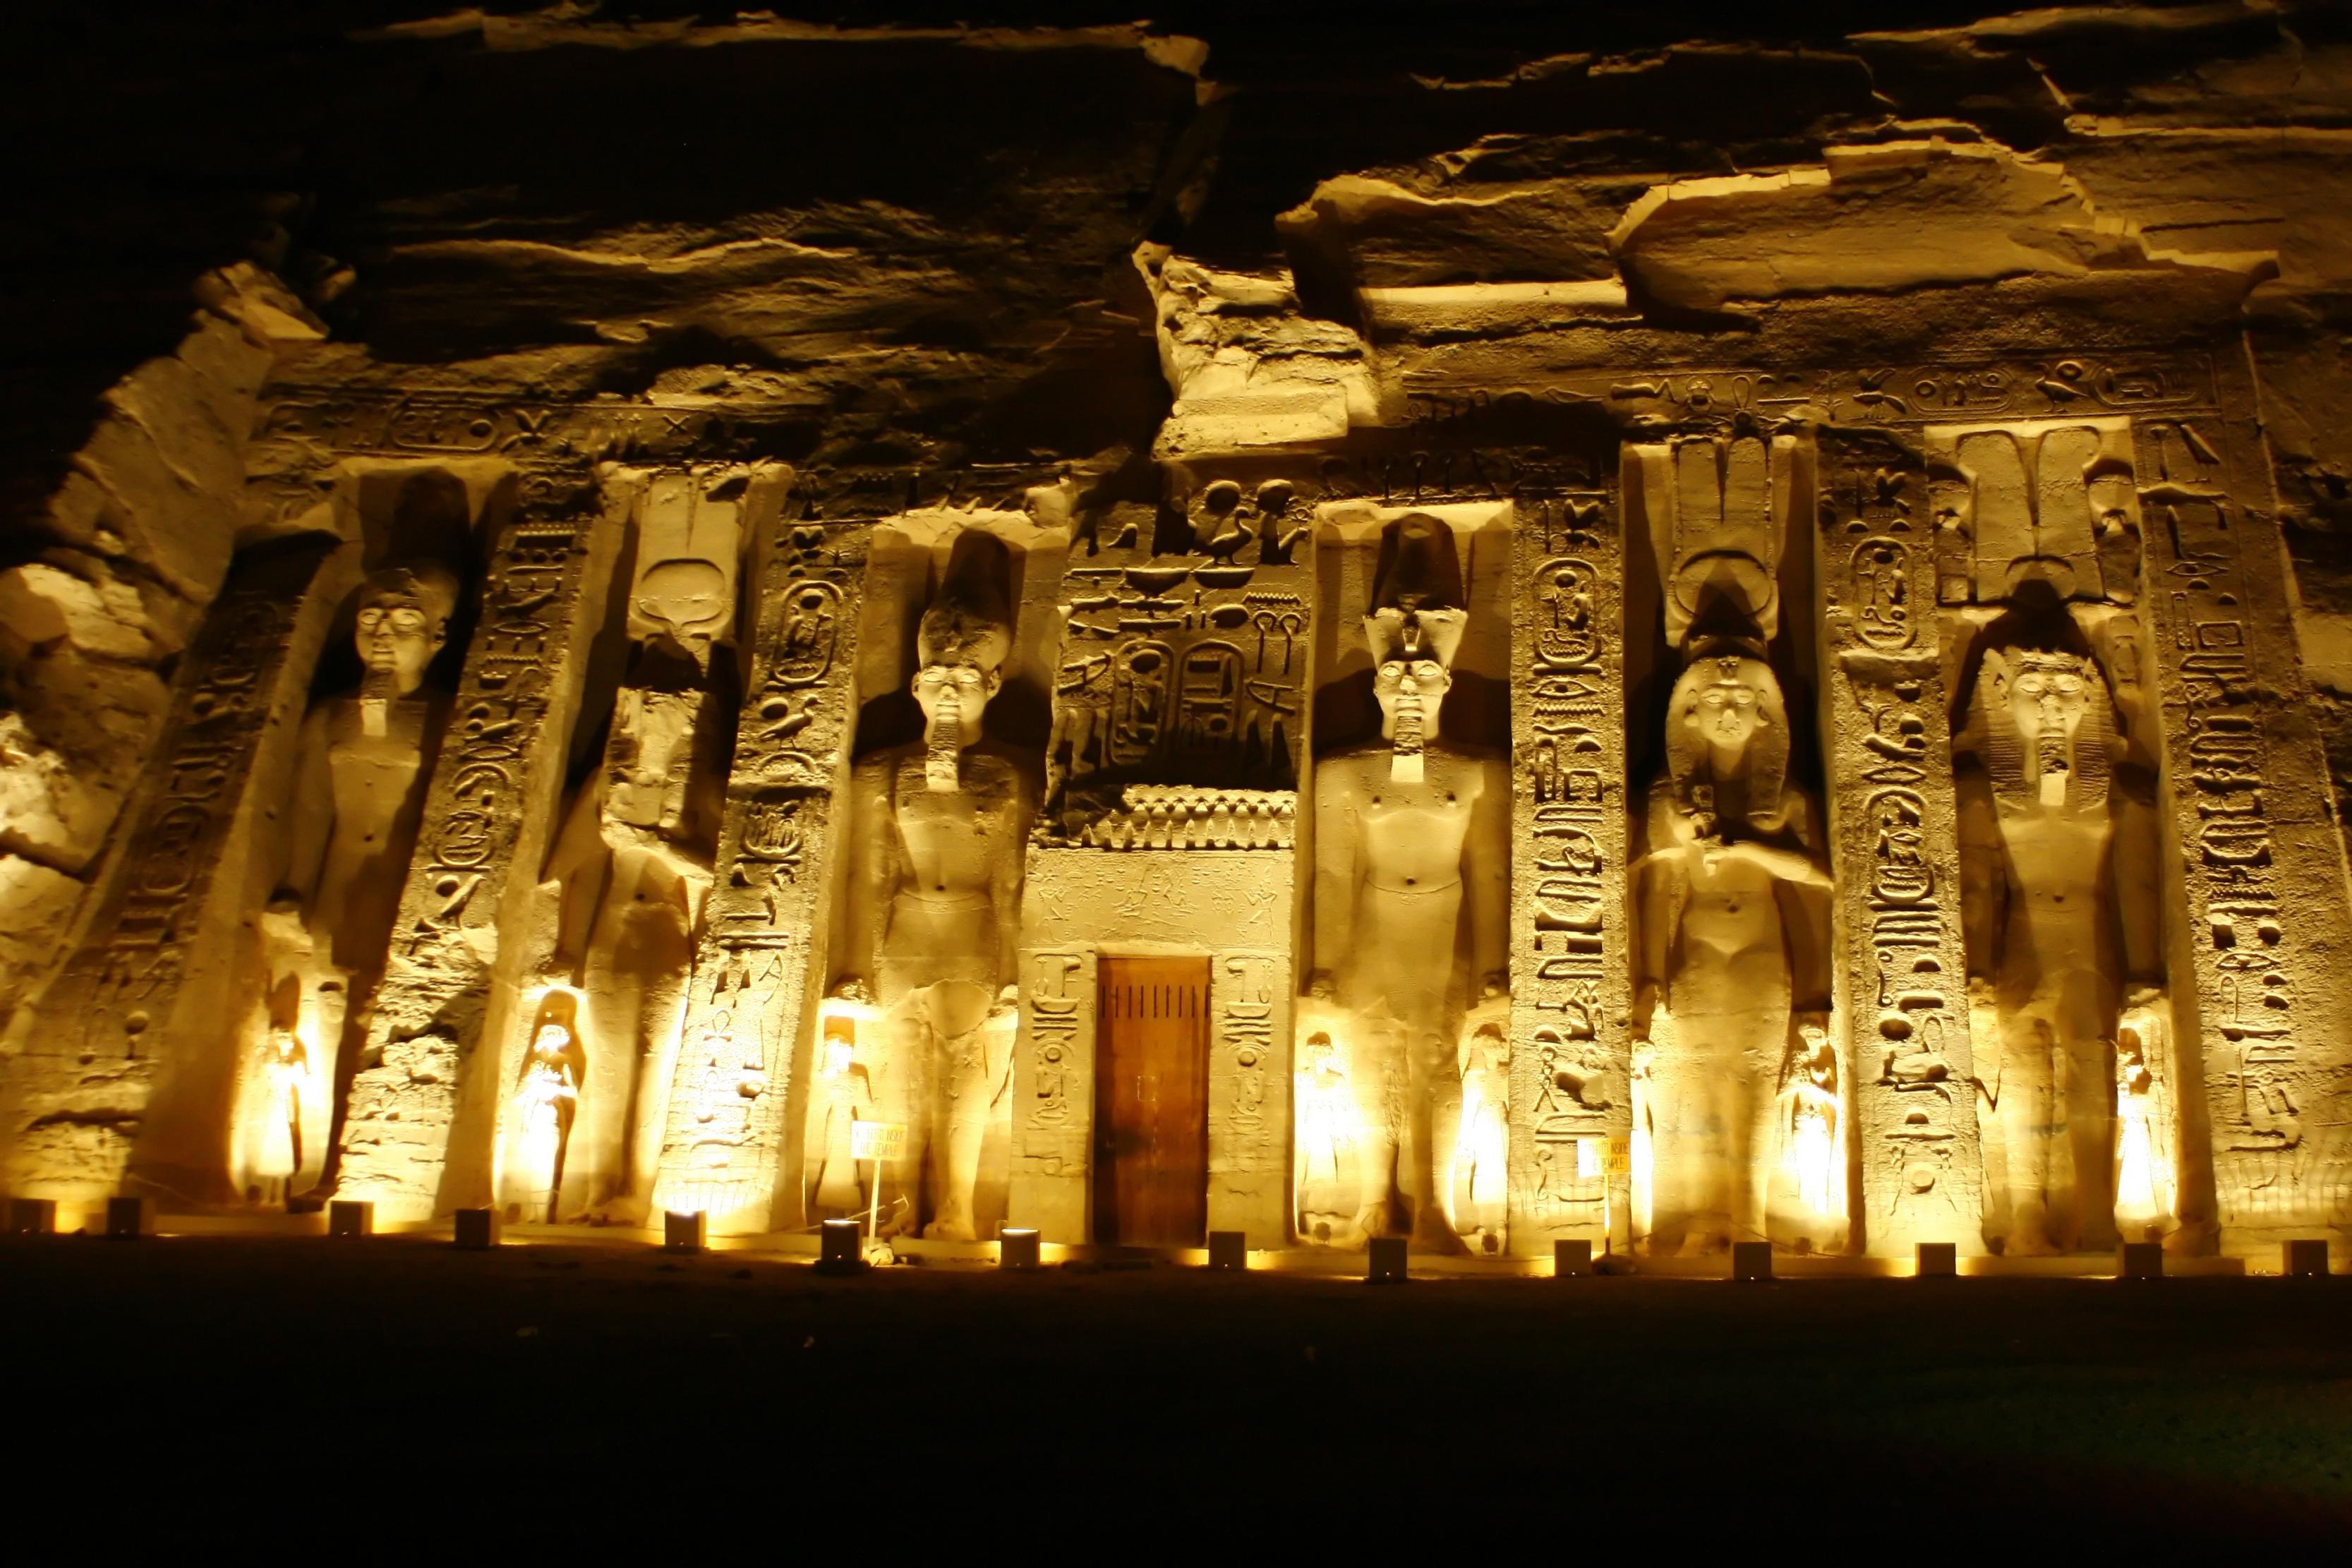 بالصور السياحة في مصر , شاهد بالصور اروع المعالم السياحة فى مصر 444 5